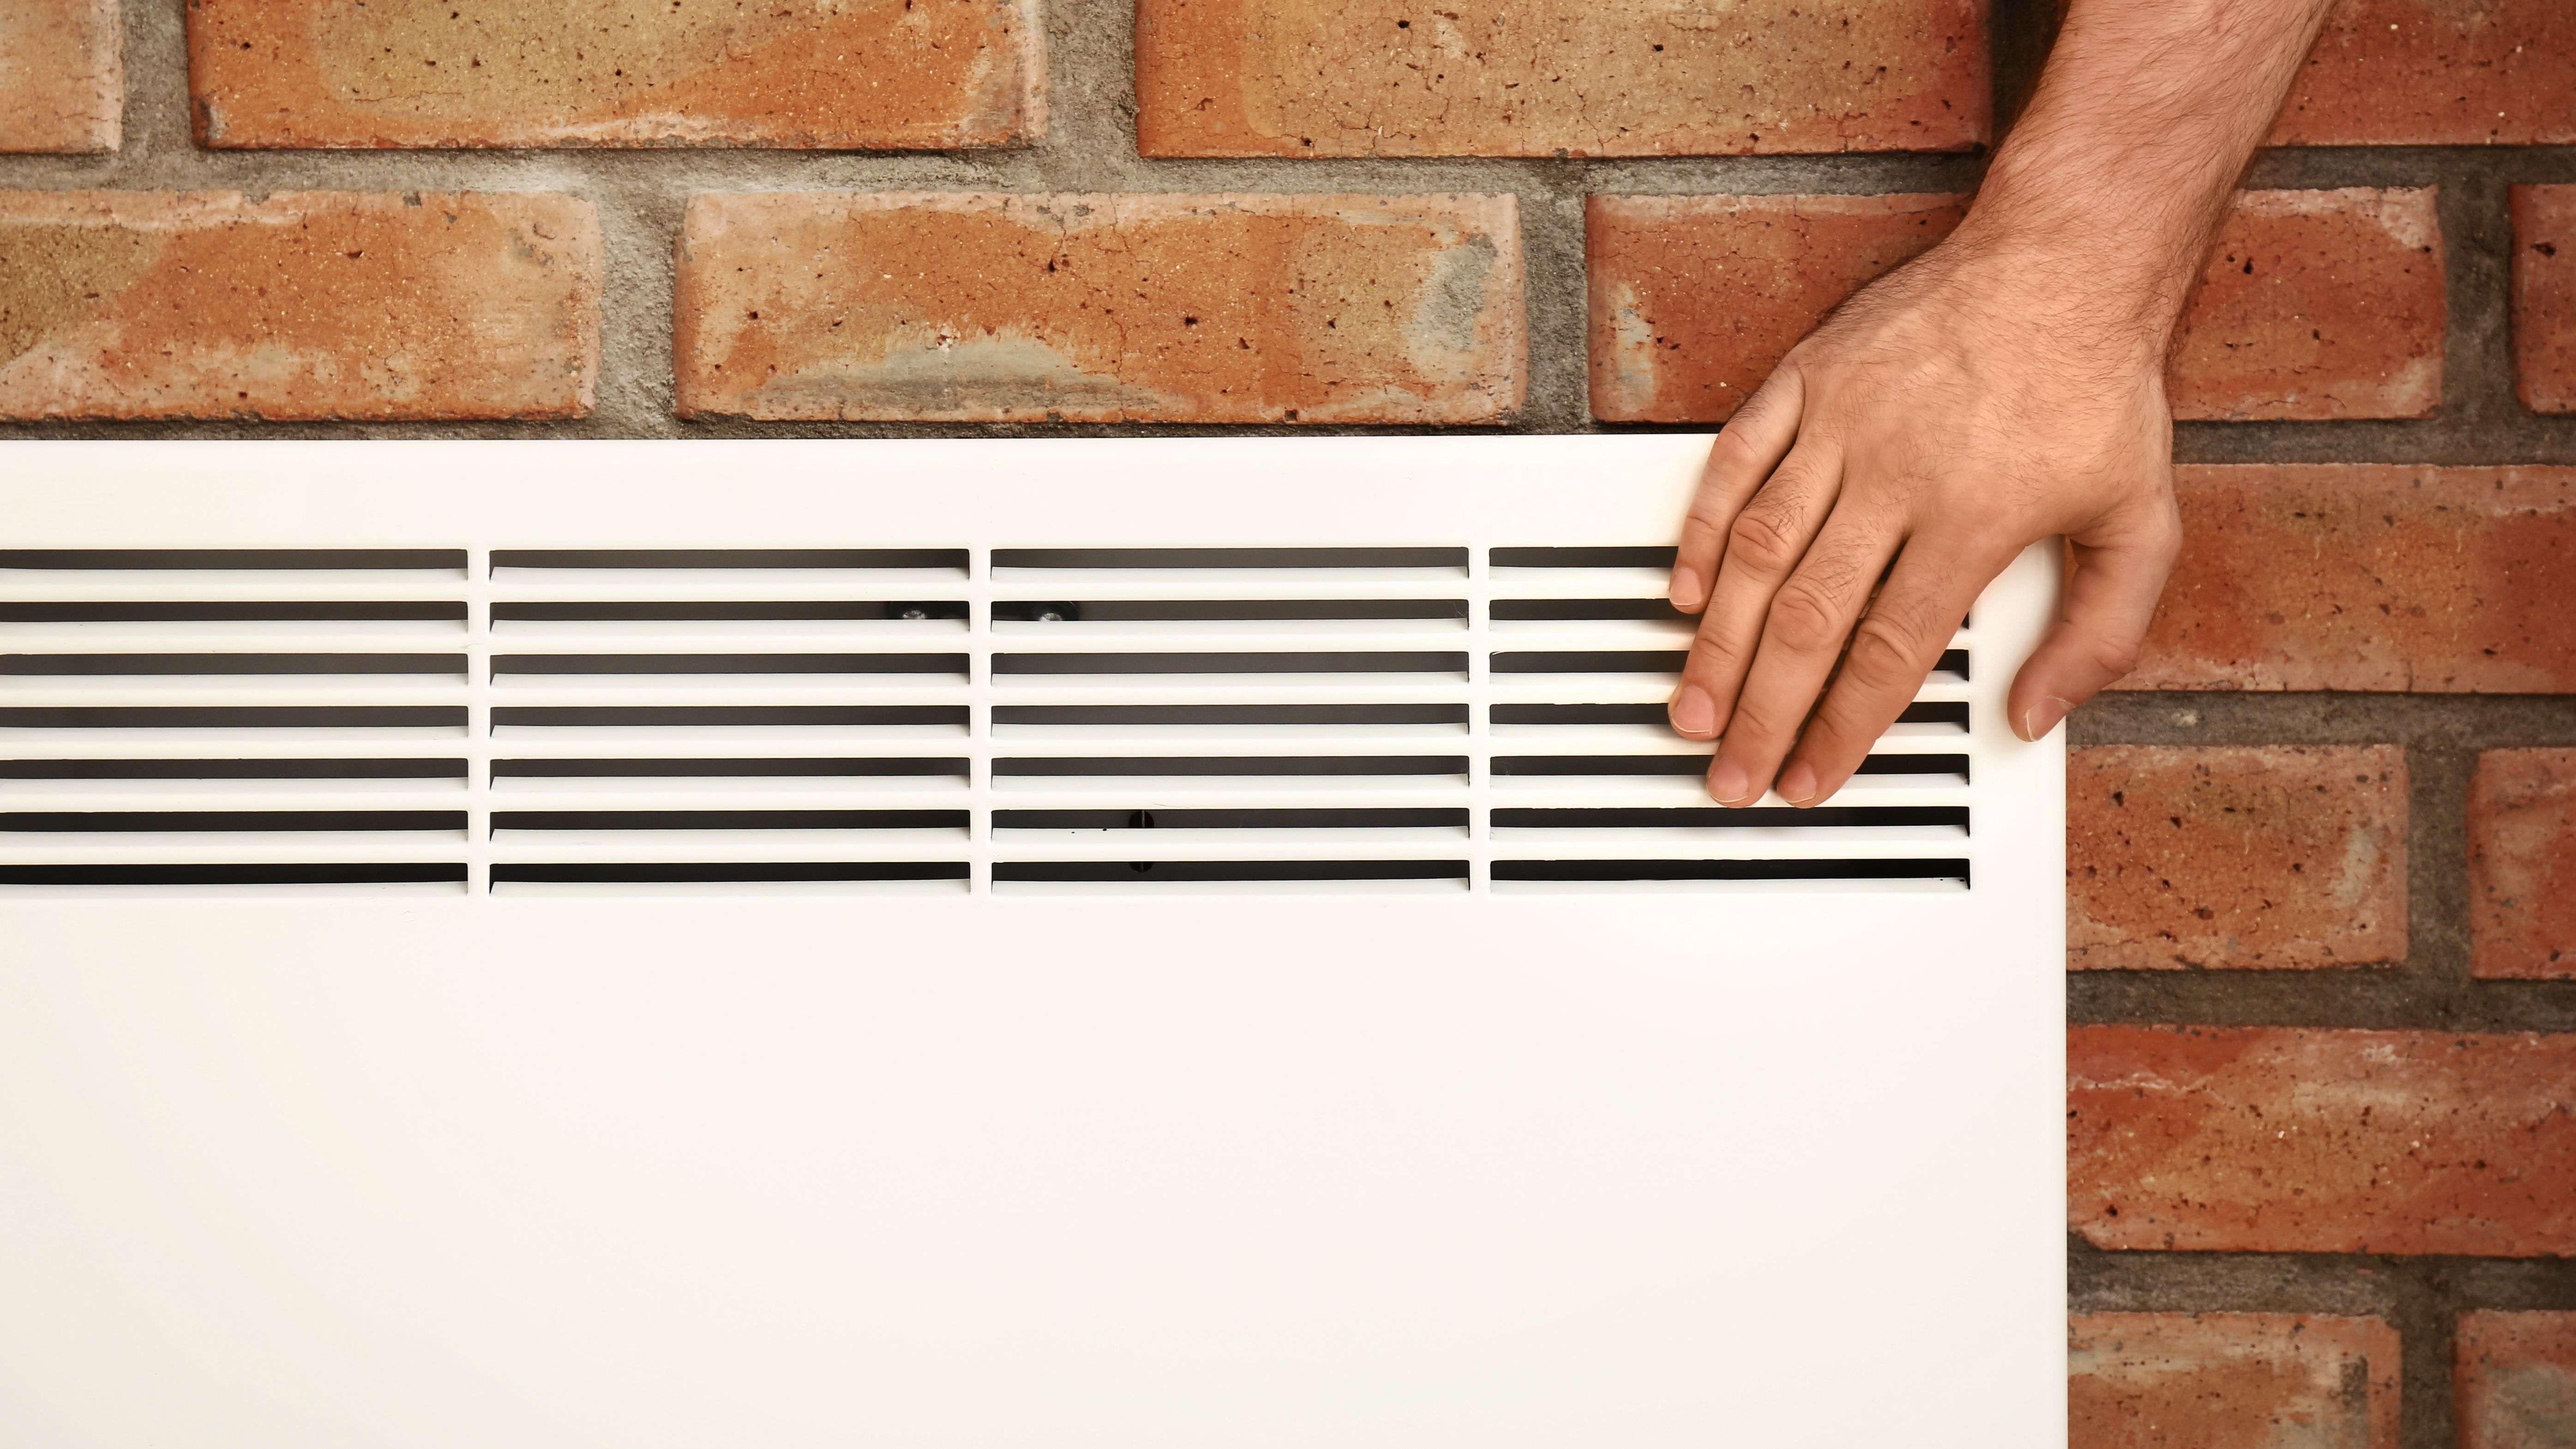 Quelle puissance  de radiateur choisir